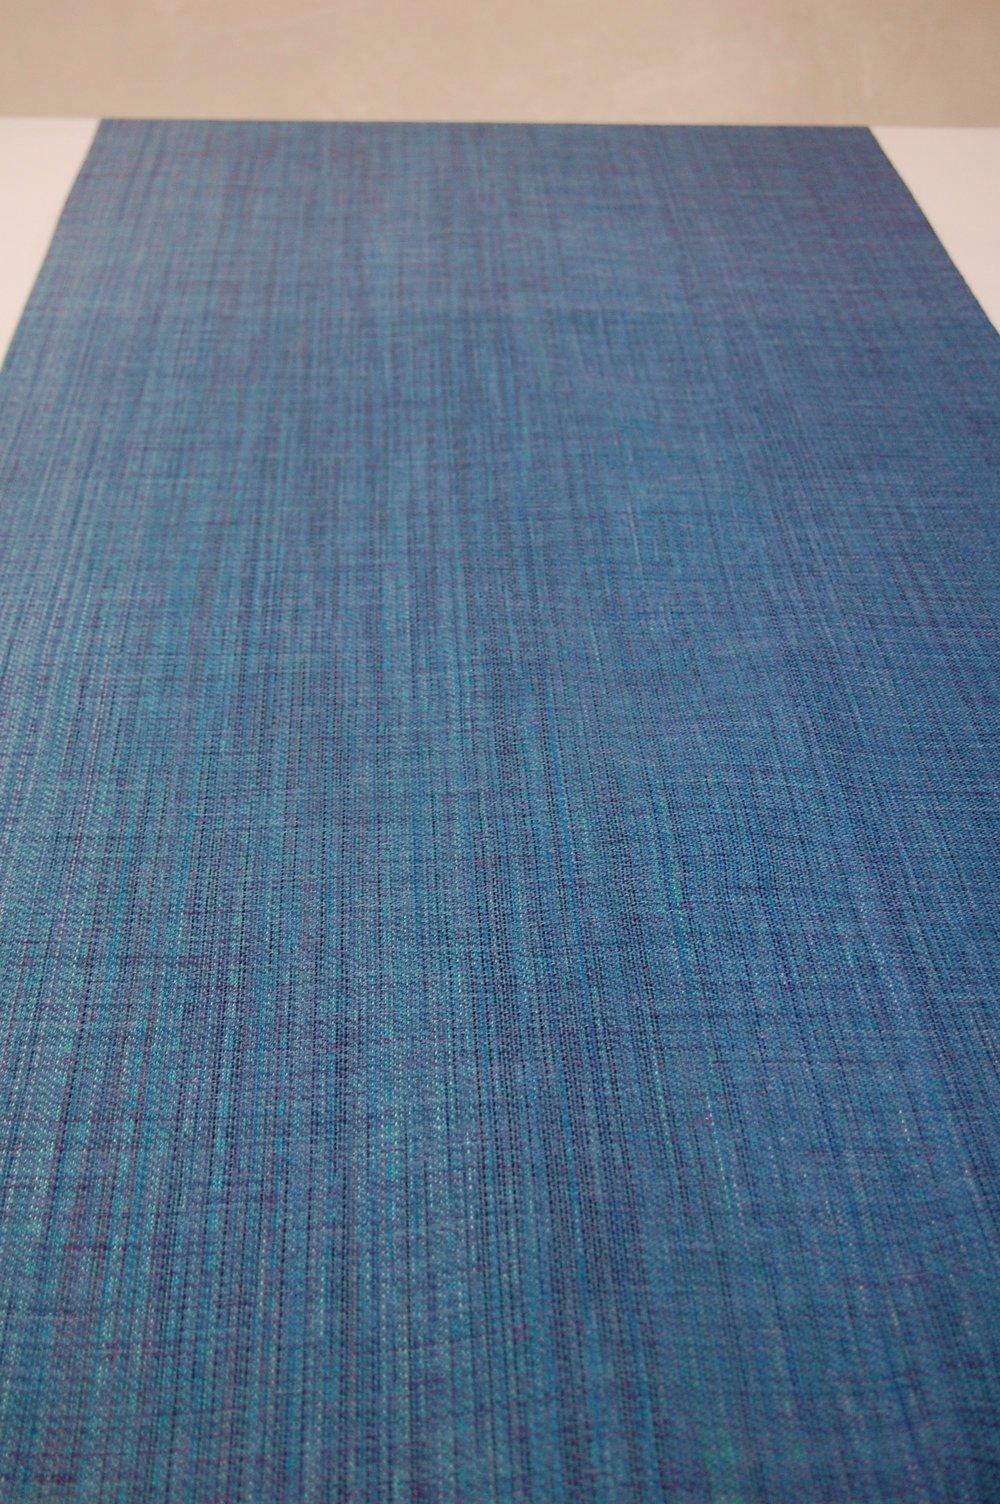 ione Organic Pima cotton v.1 4.4 meters